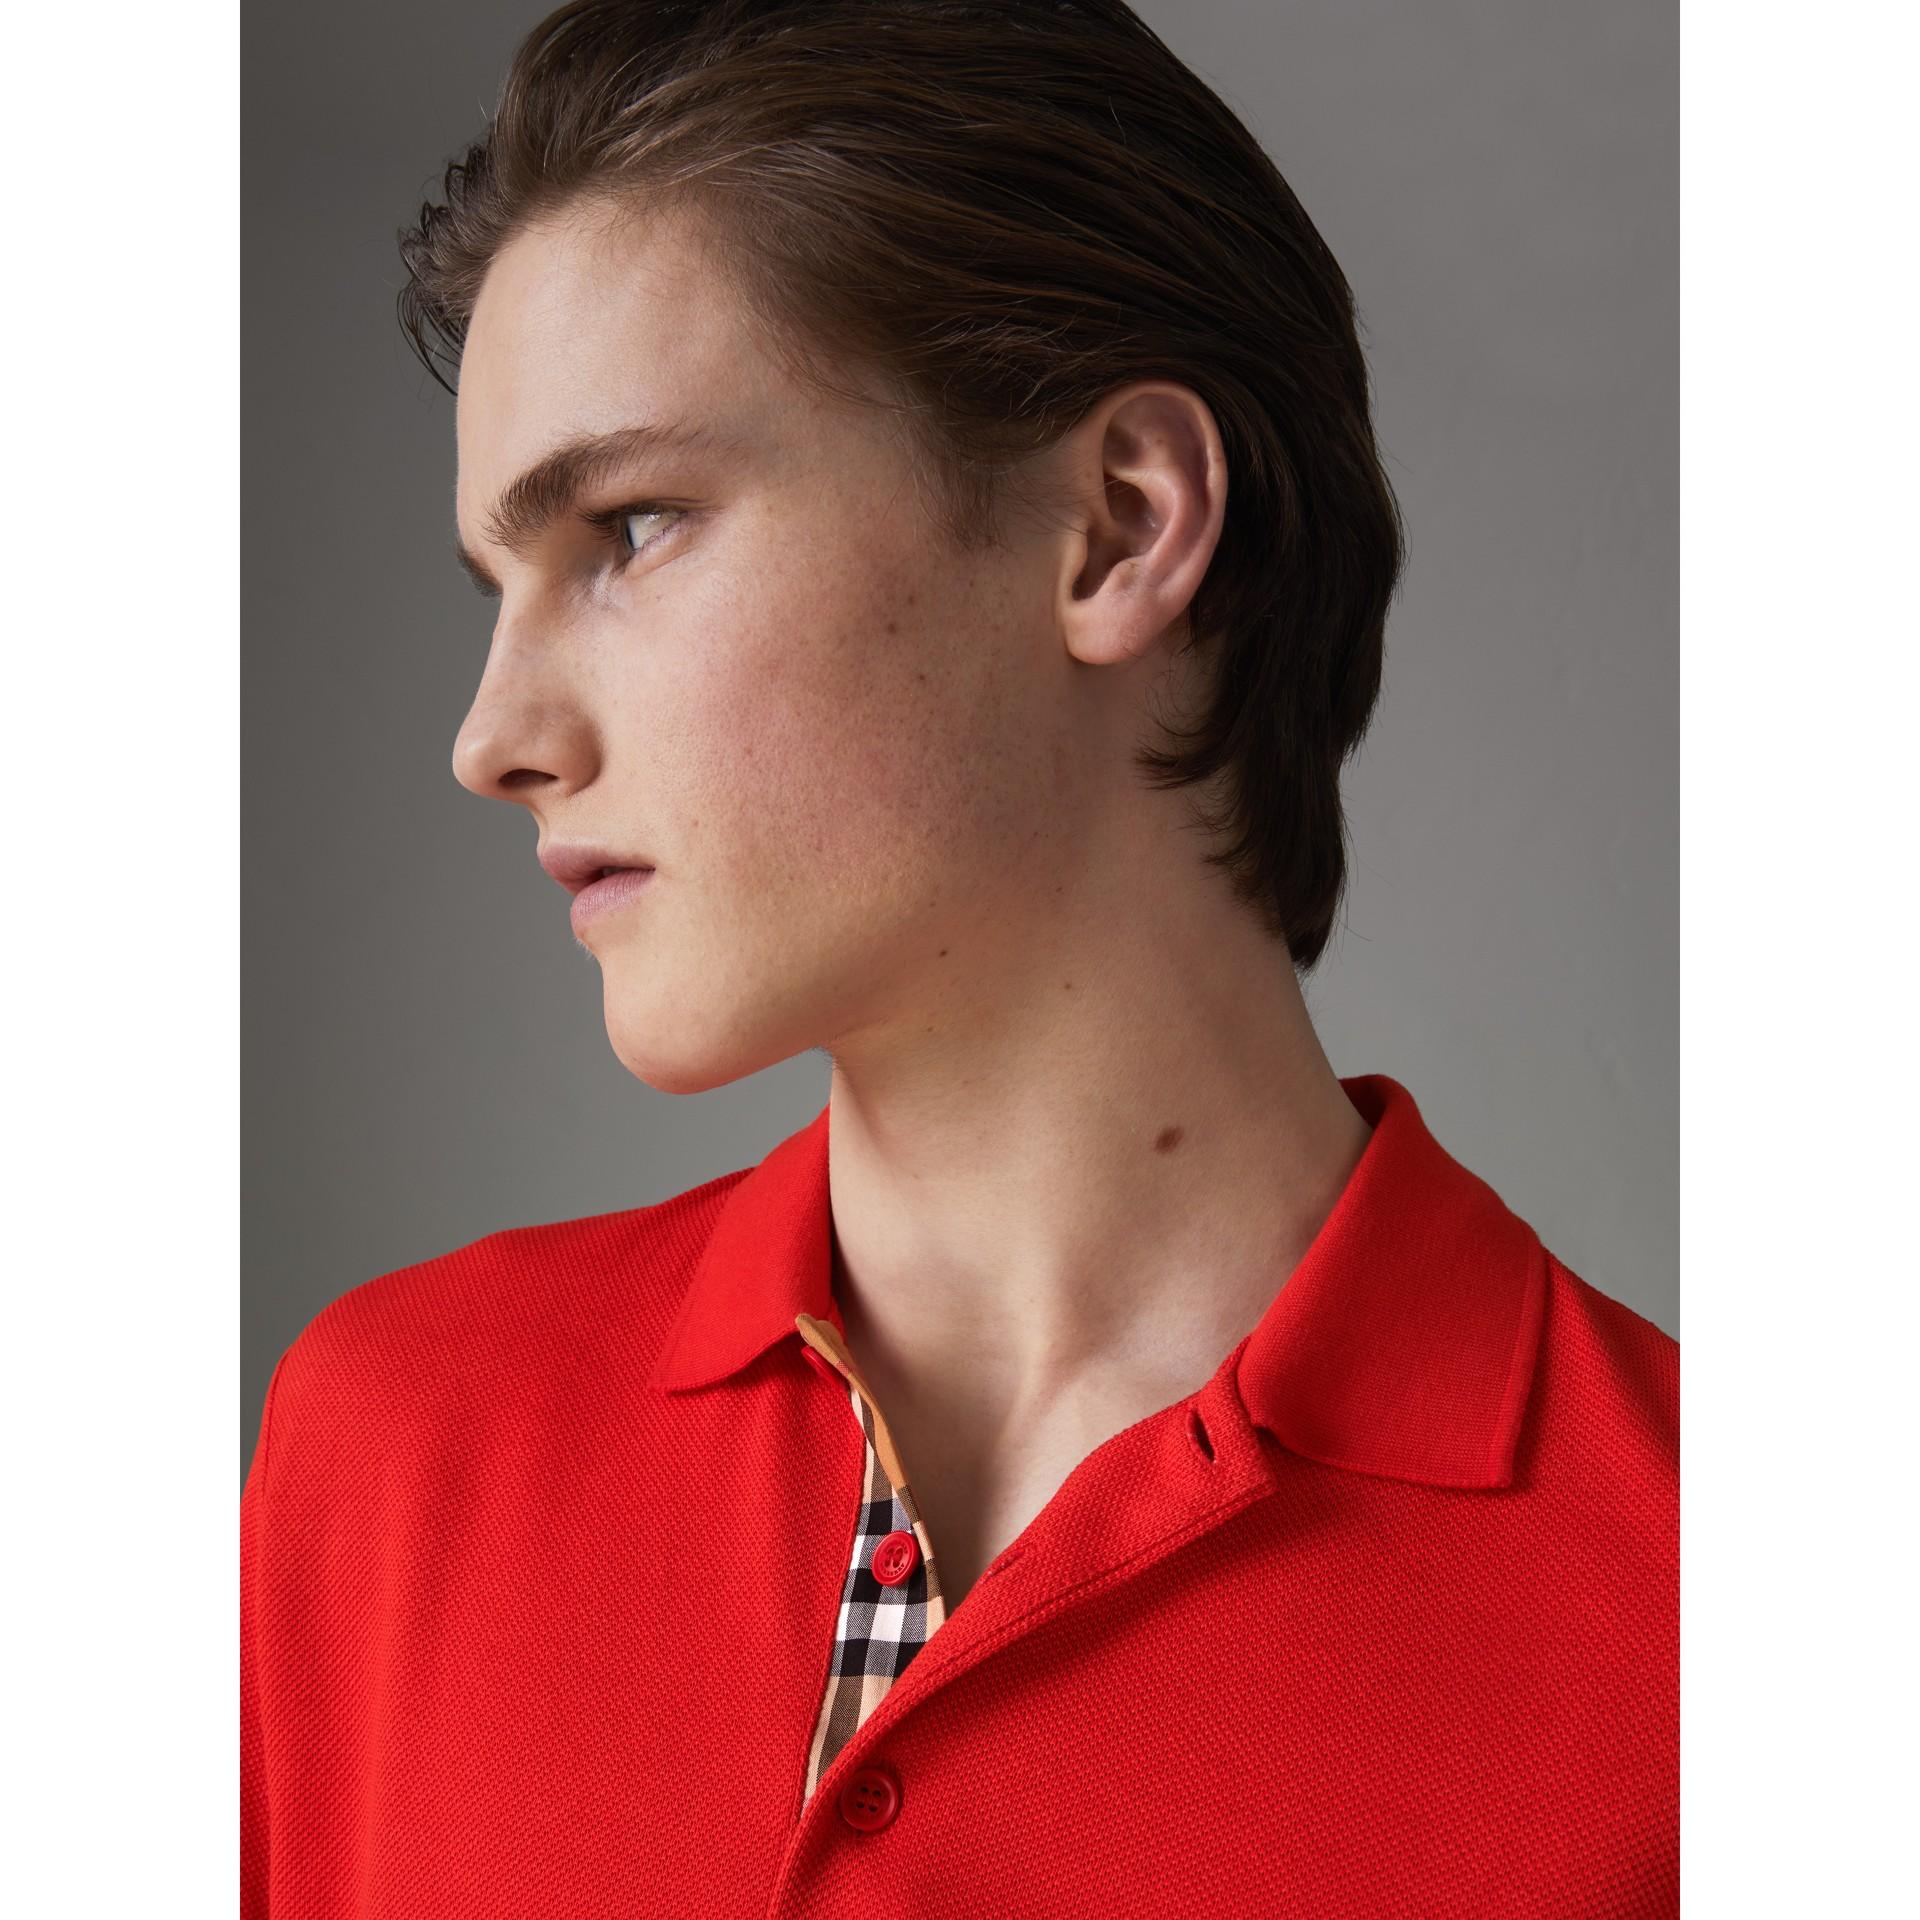 格紋飾邊棉質 Polo 衫 (亮紅色) - 男款 | Burberry - 圖庫照片 1